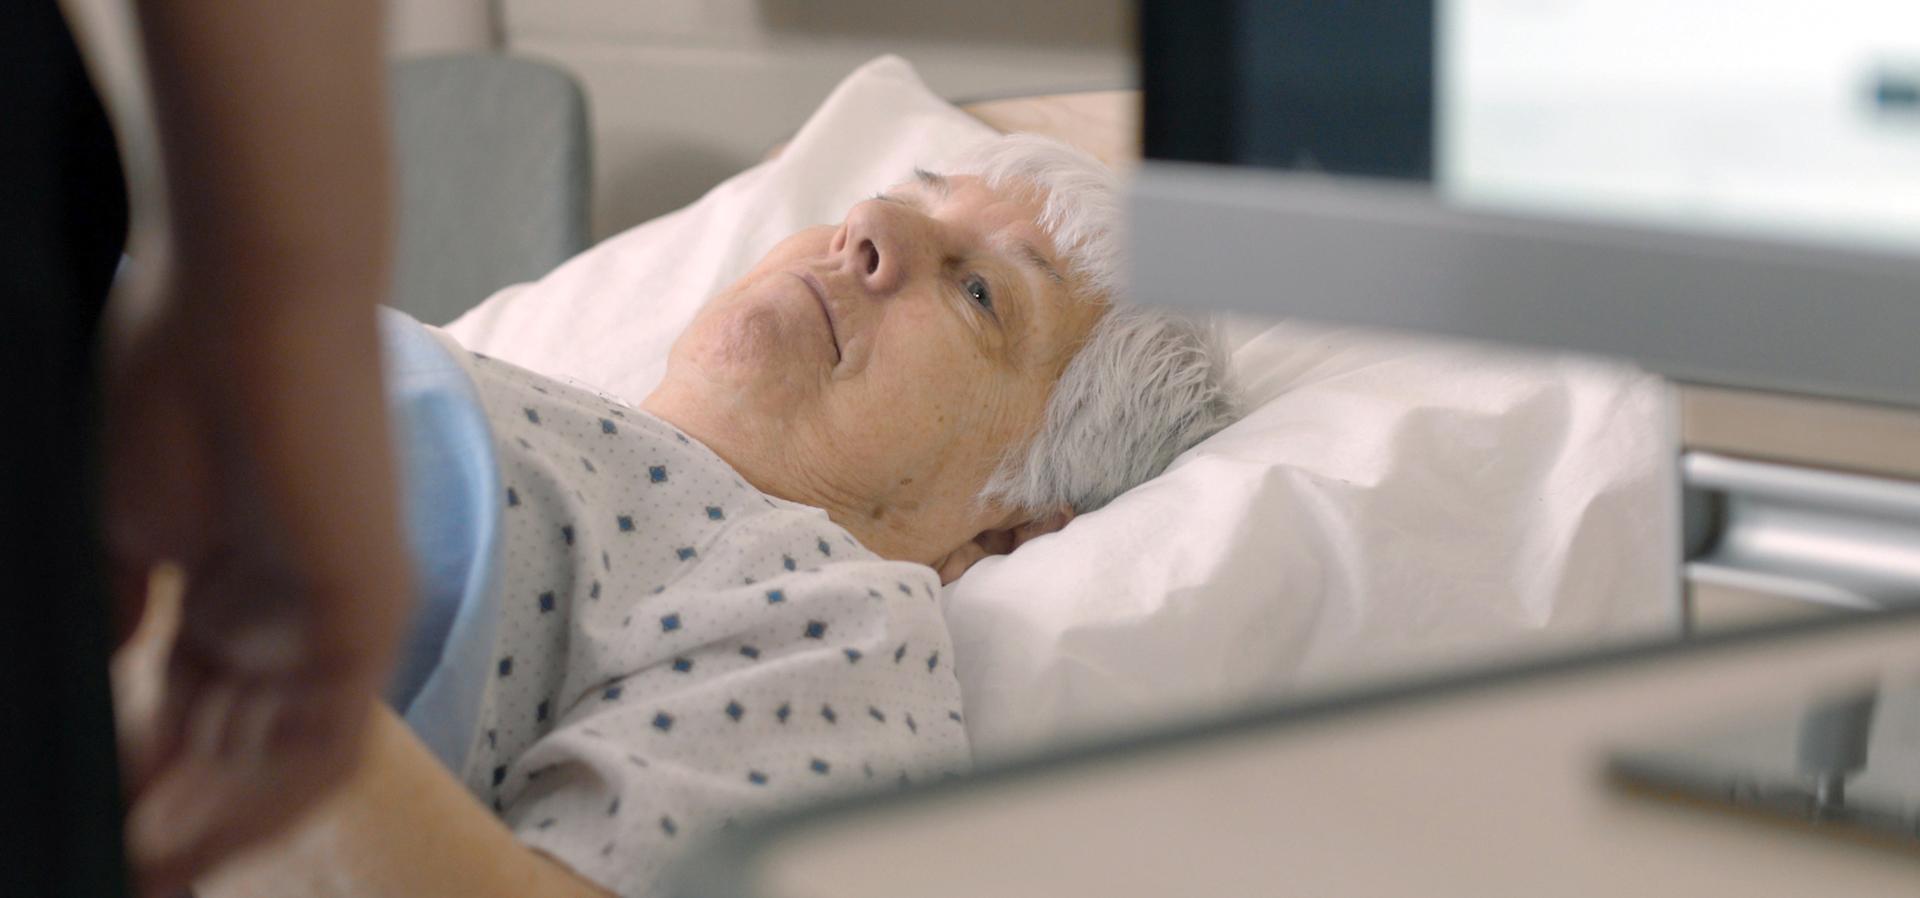 Elderly women lies in a hospital bed